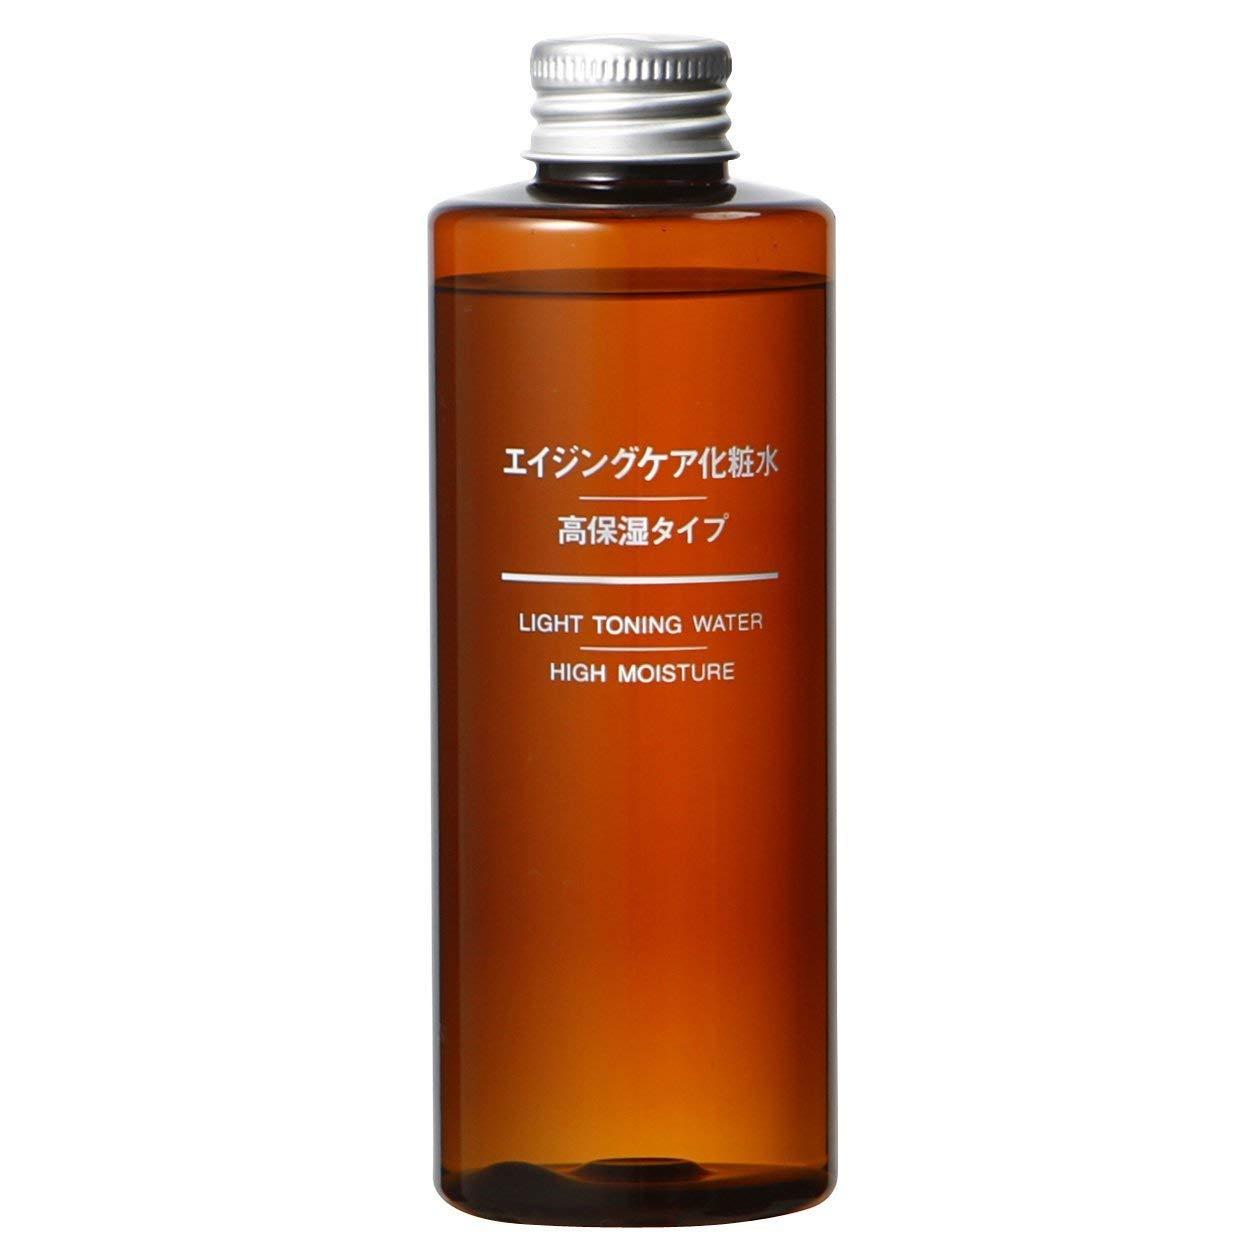 無印良品 エイジングケア化粧水・高保湿タイプ